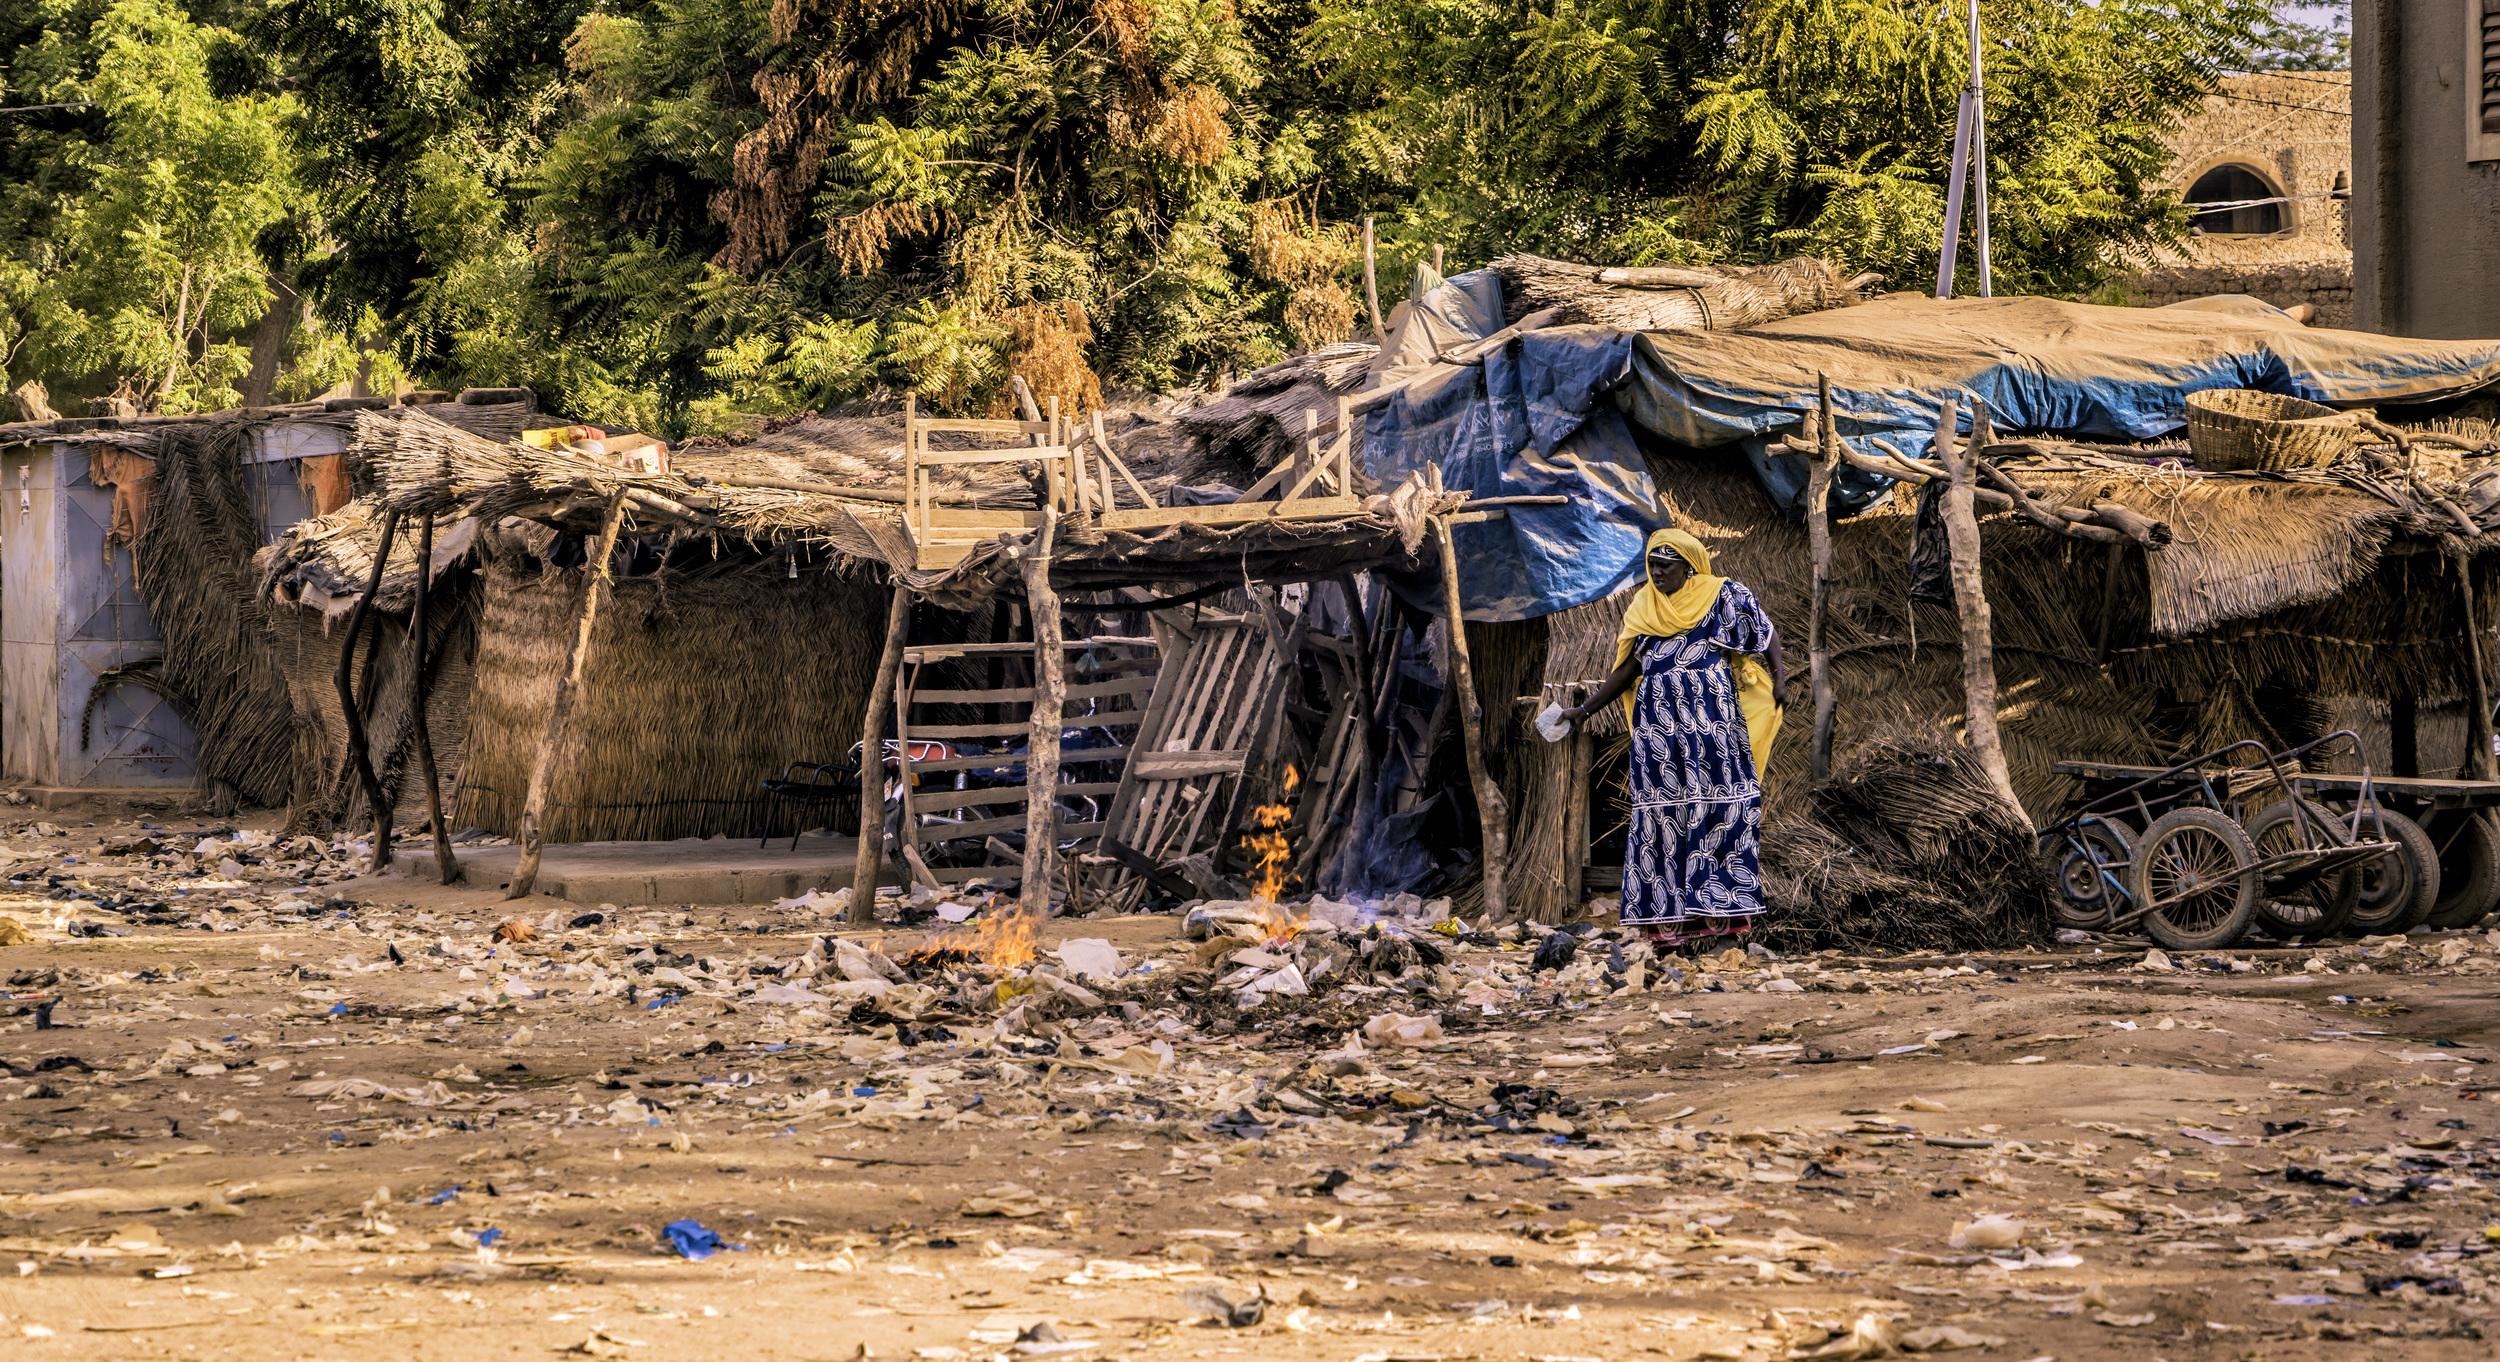 Trash Burning In Mali